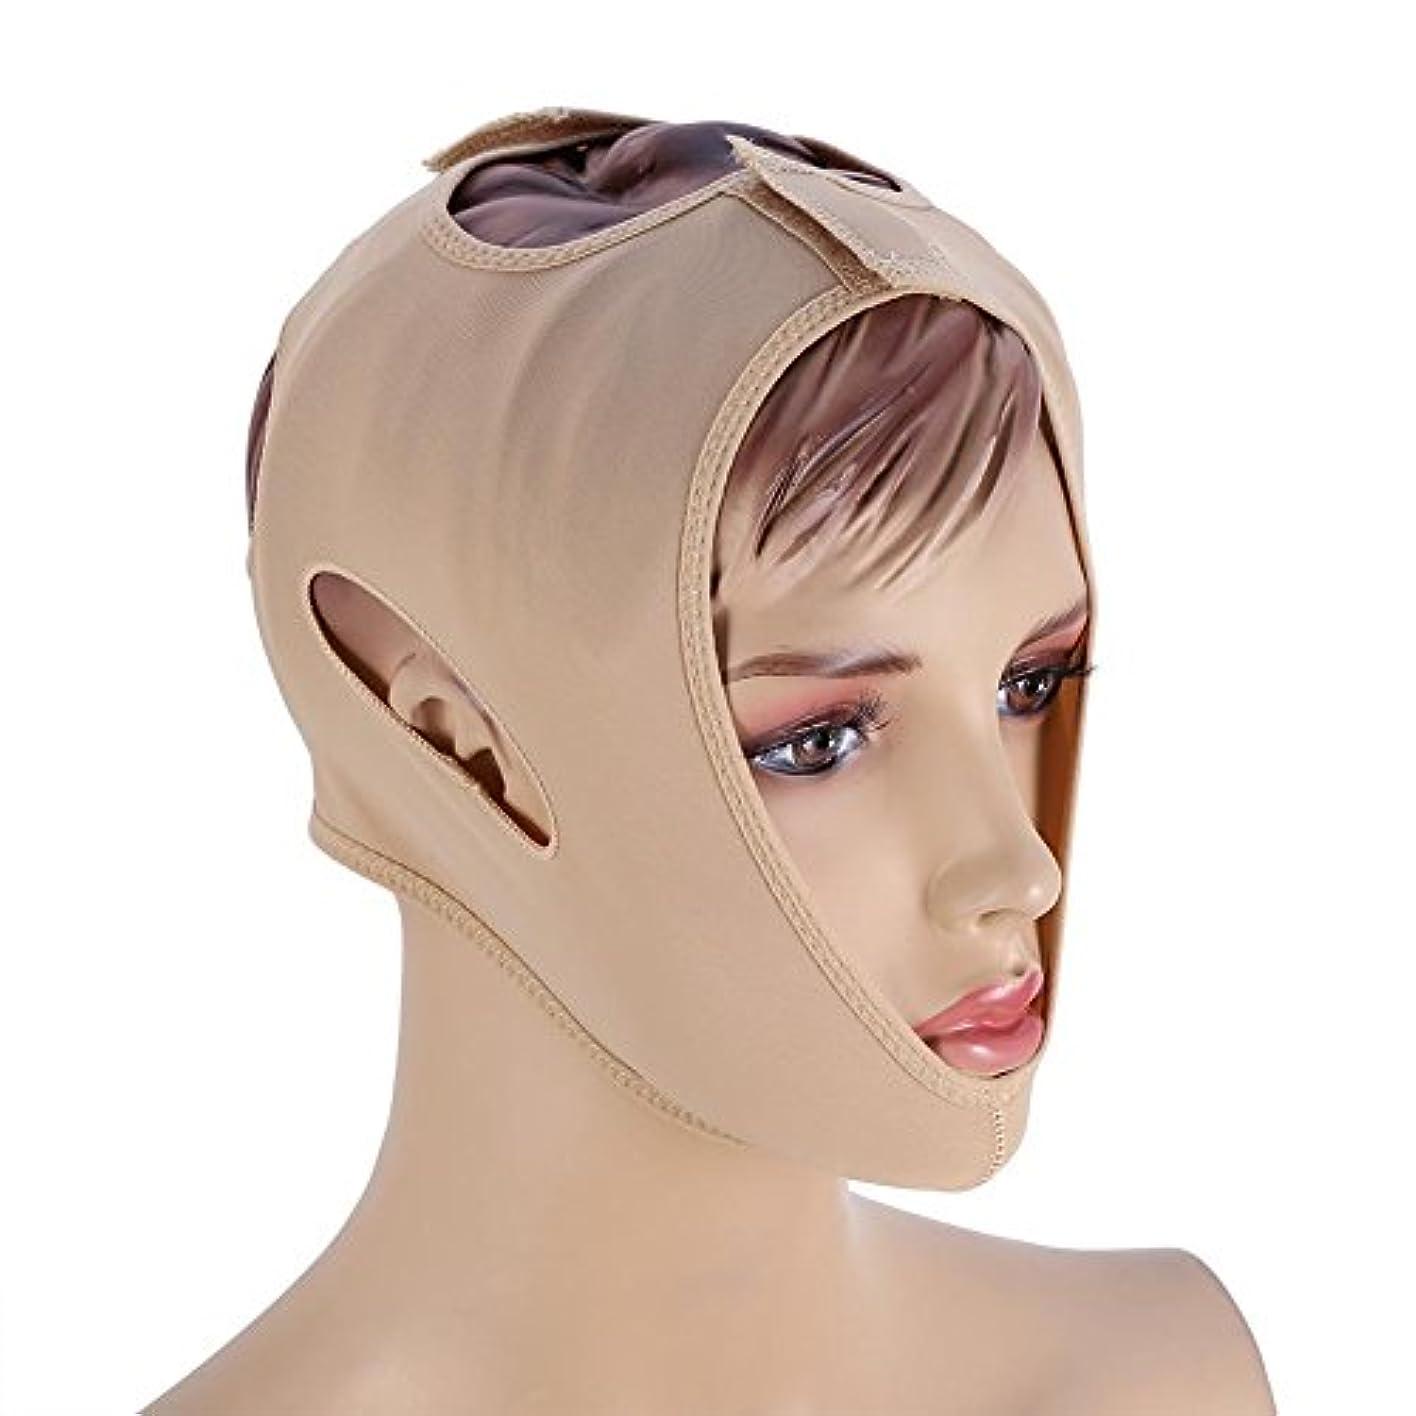 ドキドキ強制めまいフェイスベルト 額、顎下、頬リフトアップ 小顔 美顔 頬のたるみ 引き上げマスク便利 伸縮性 繊維 (L码)